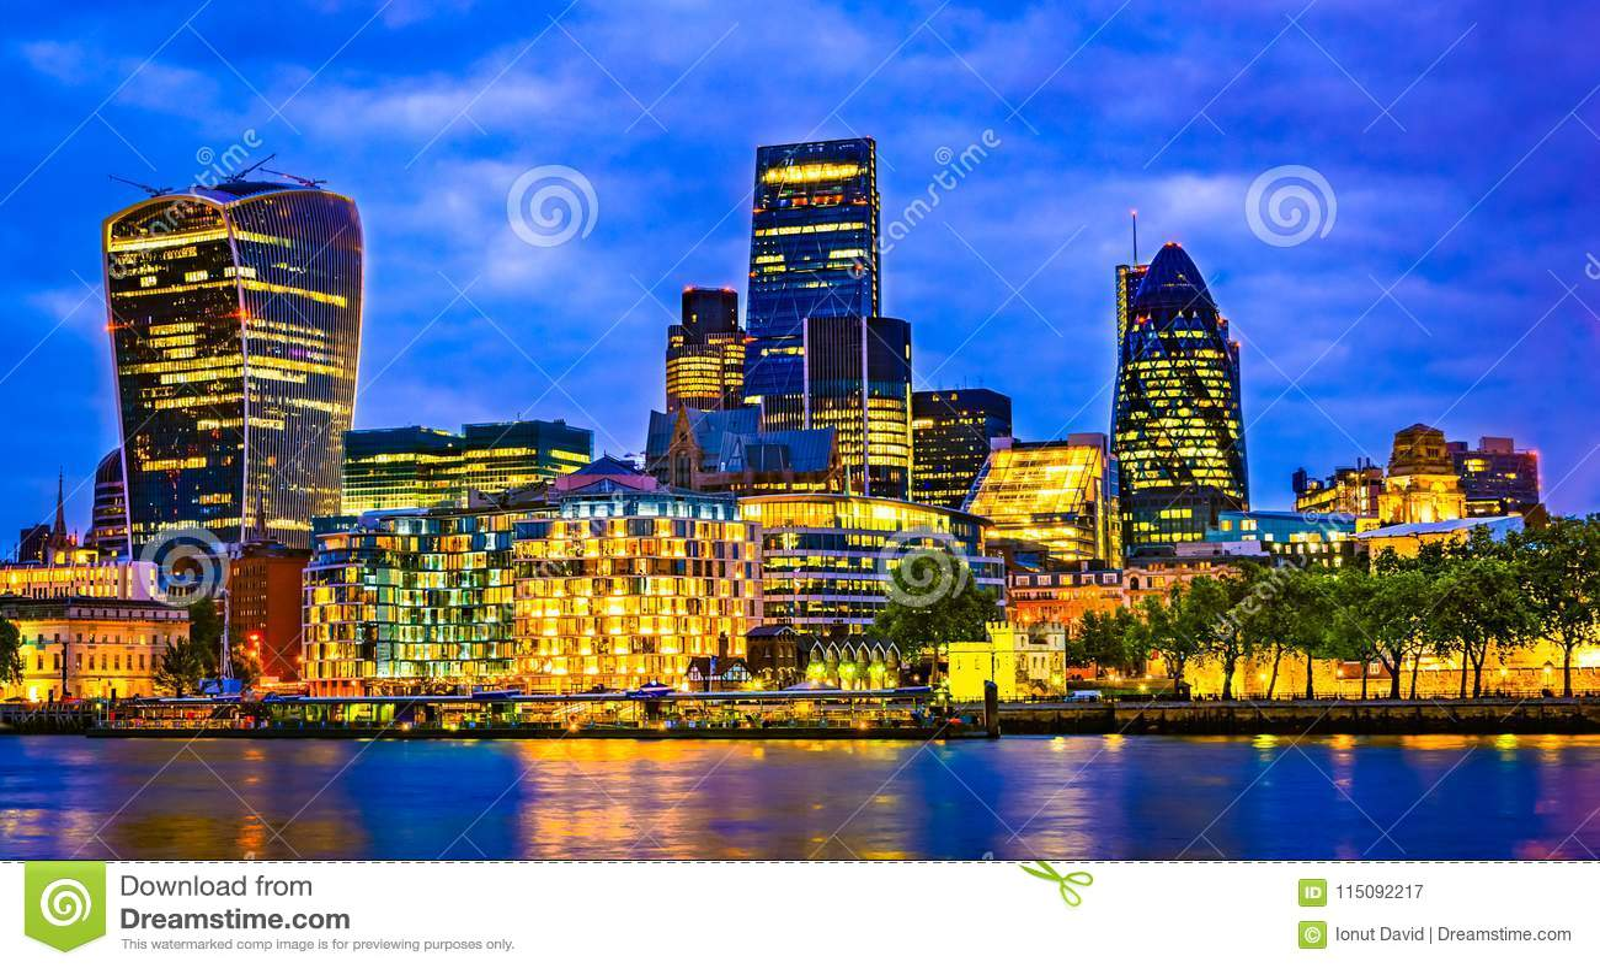 Londres, Gran Bretaña, Reino Unido: Paisaje urbano alrededor de Southwark, el río Támesis